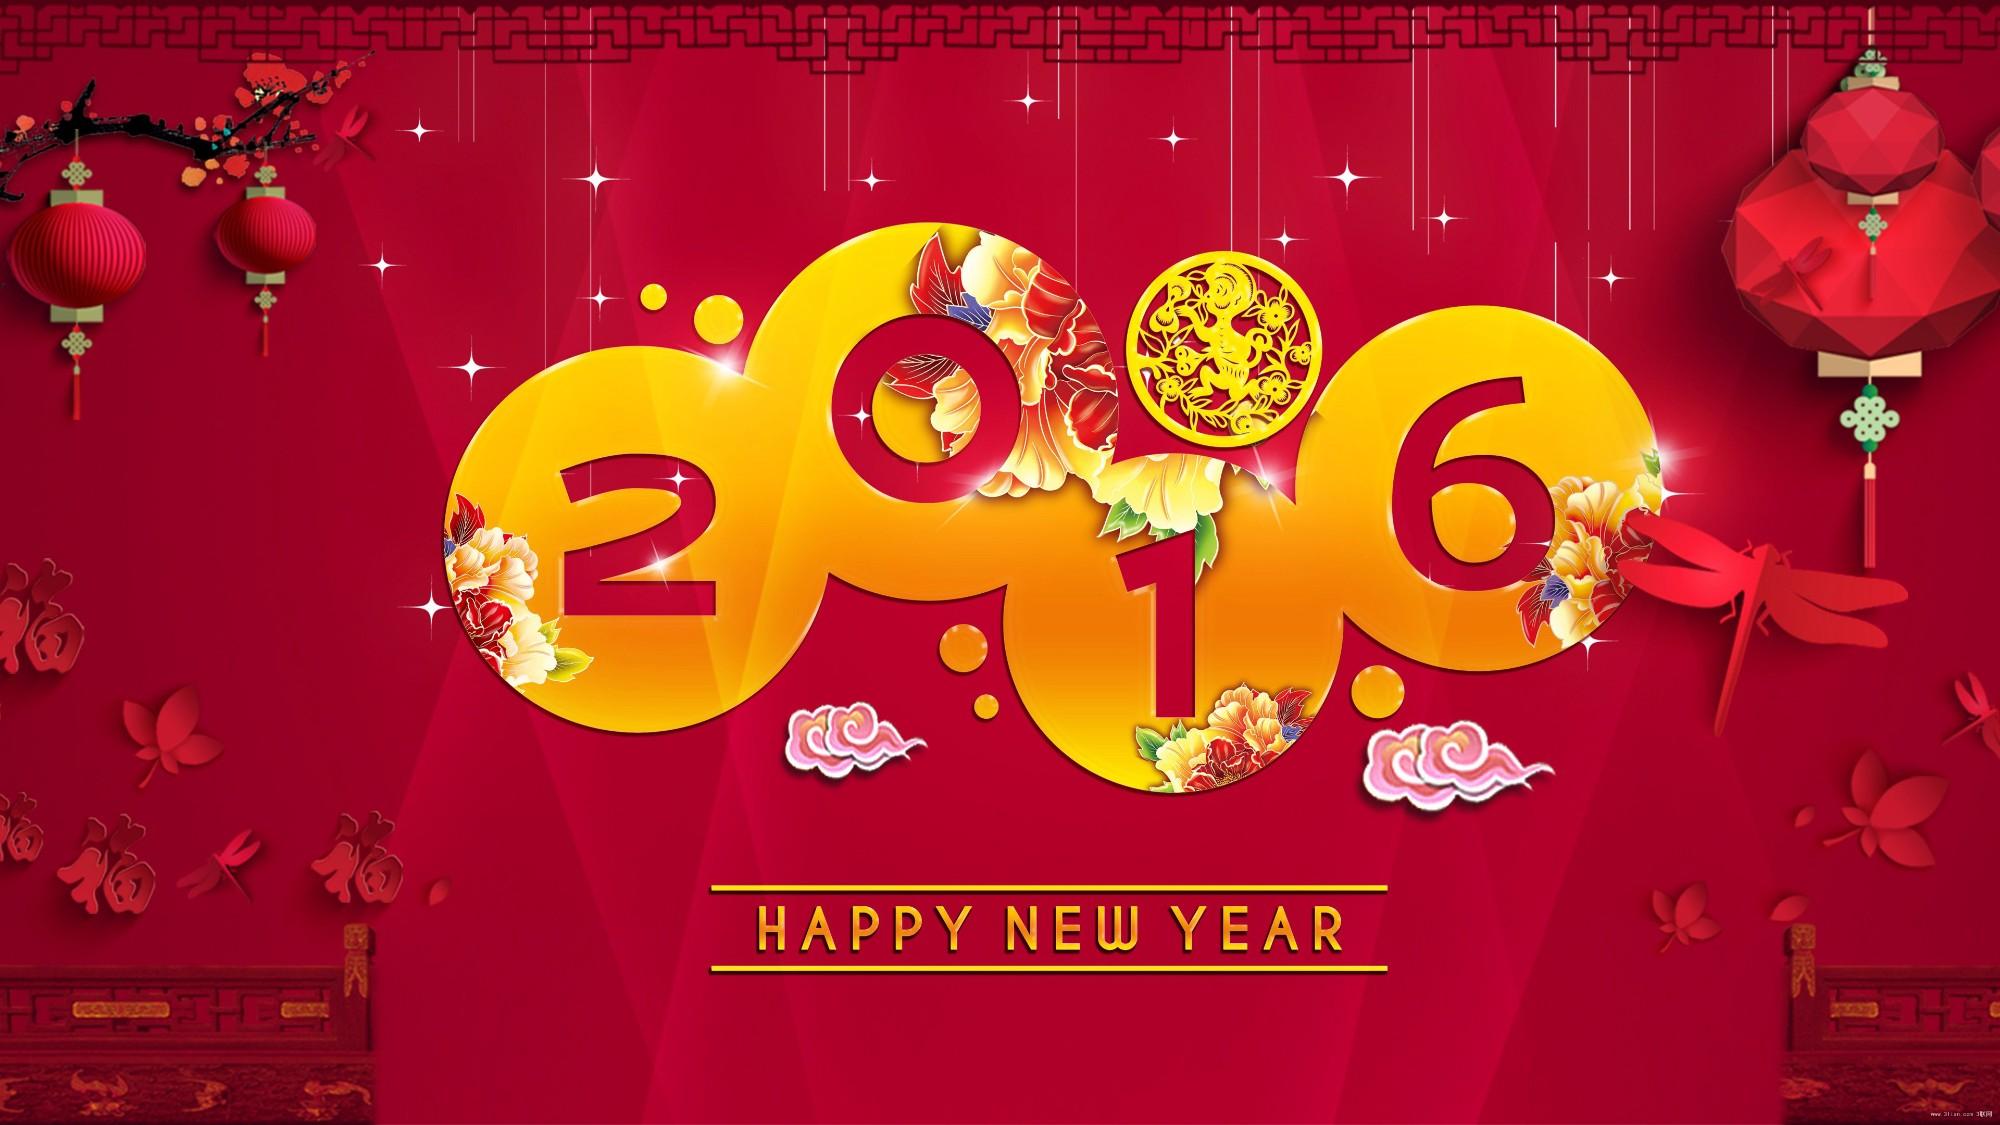 关于新年春节的祝福语